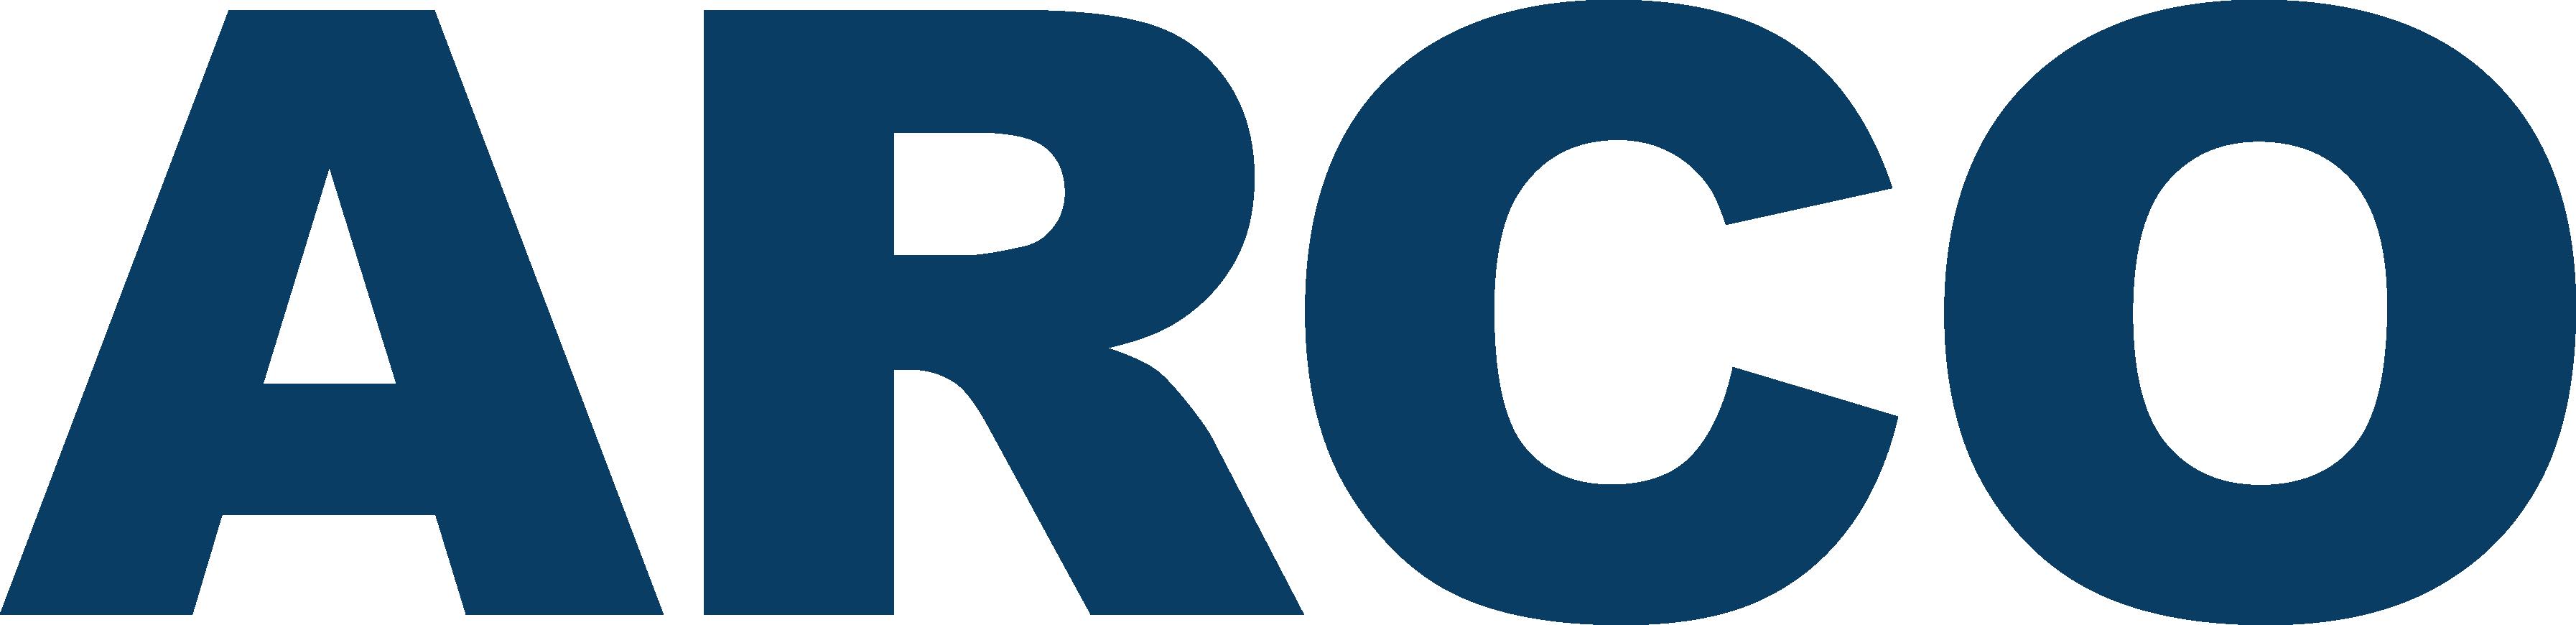 ARCO Construction Company logo